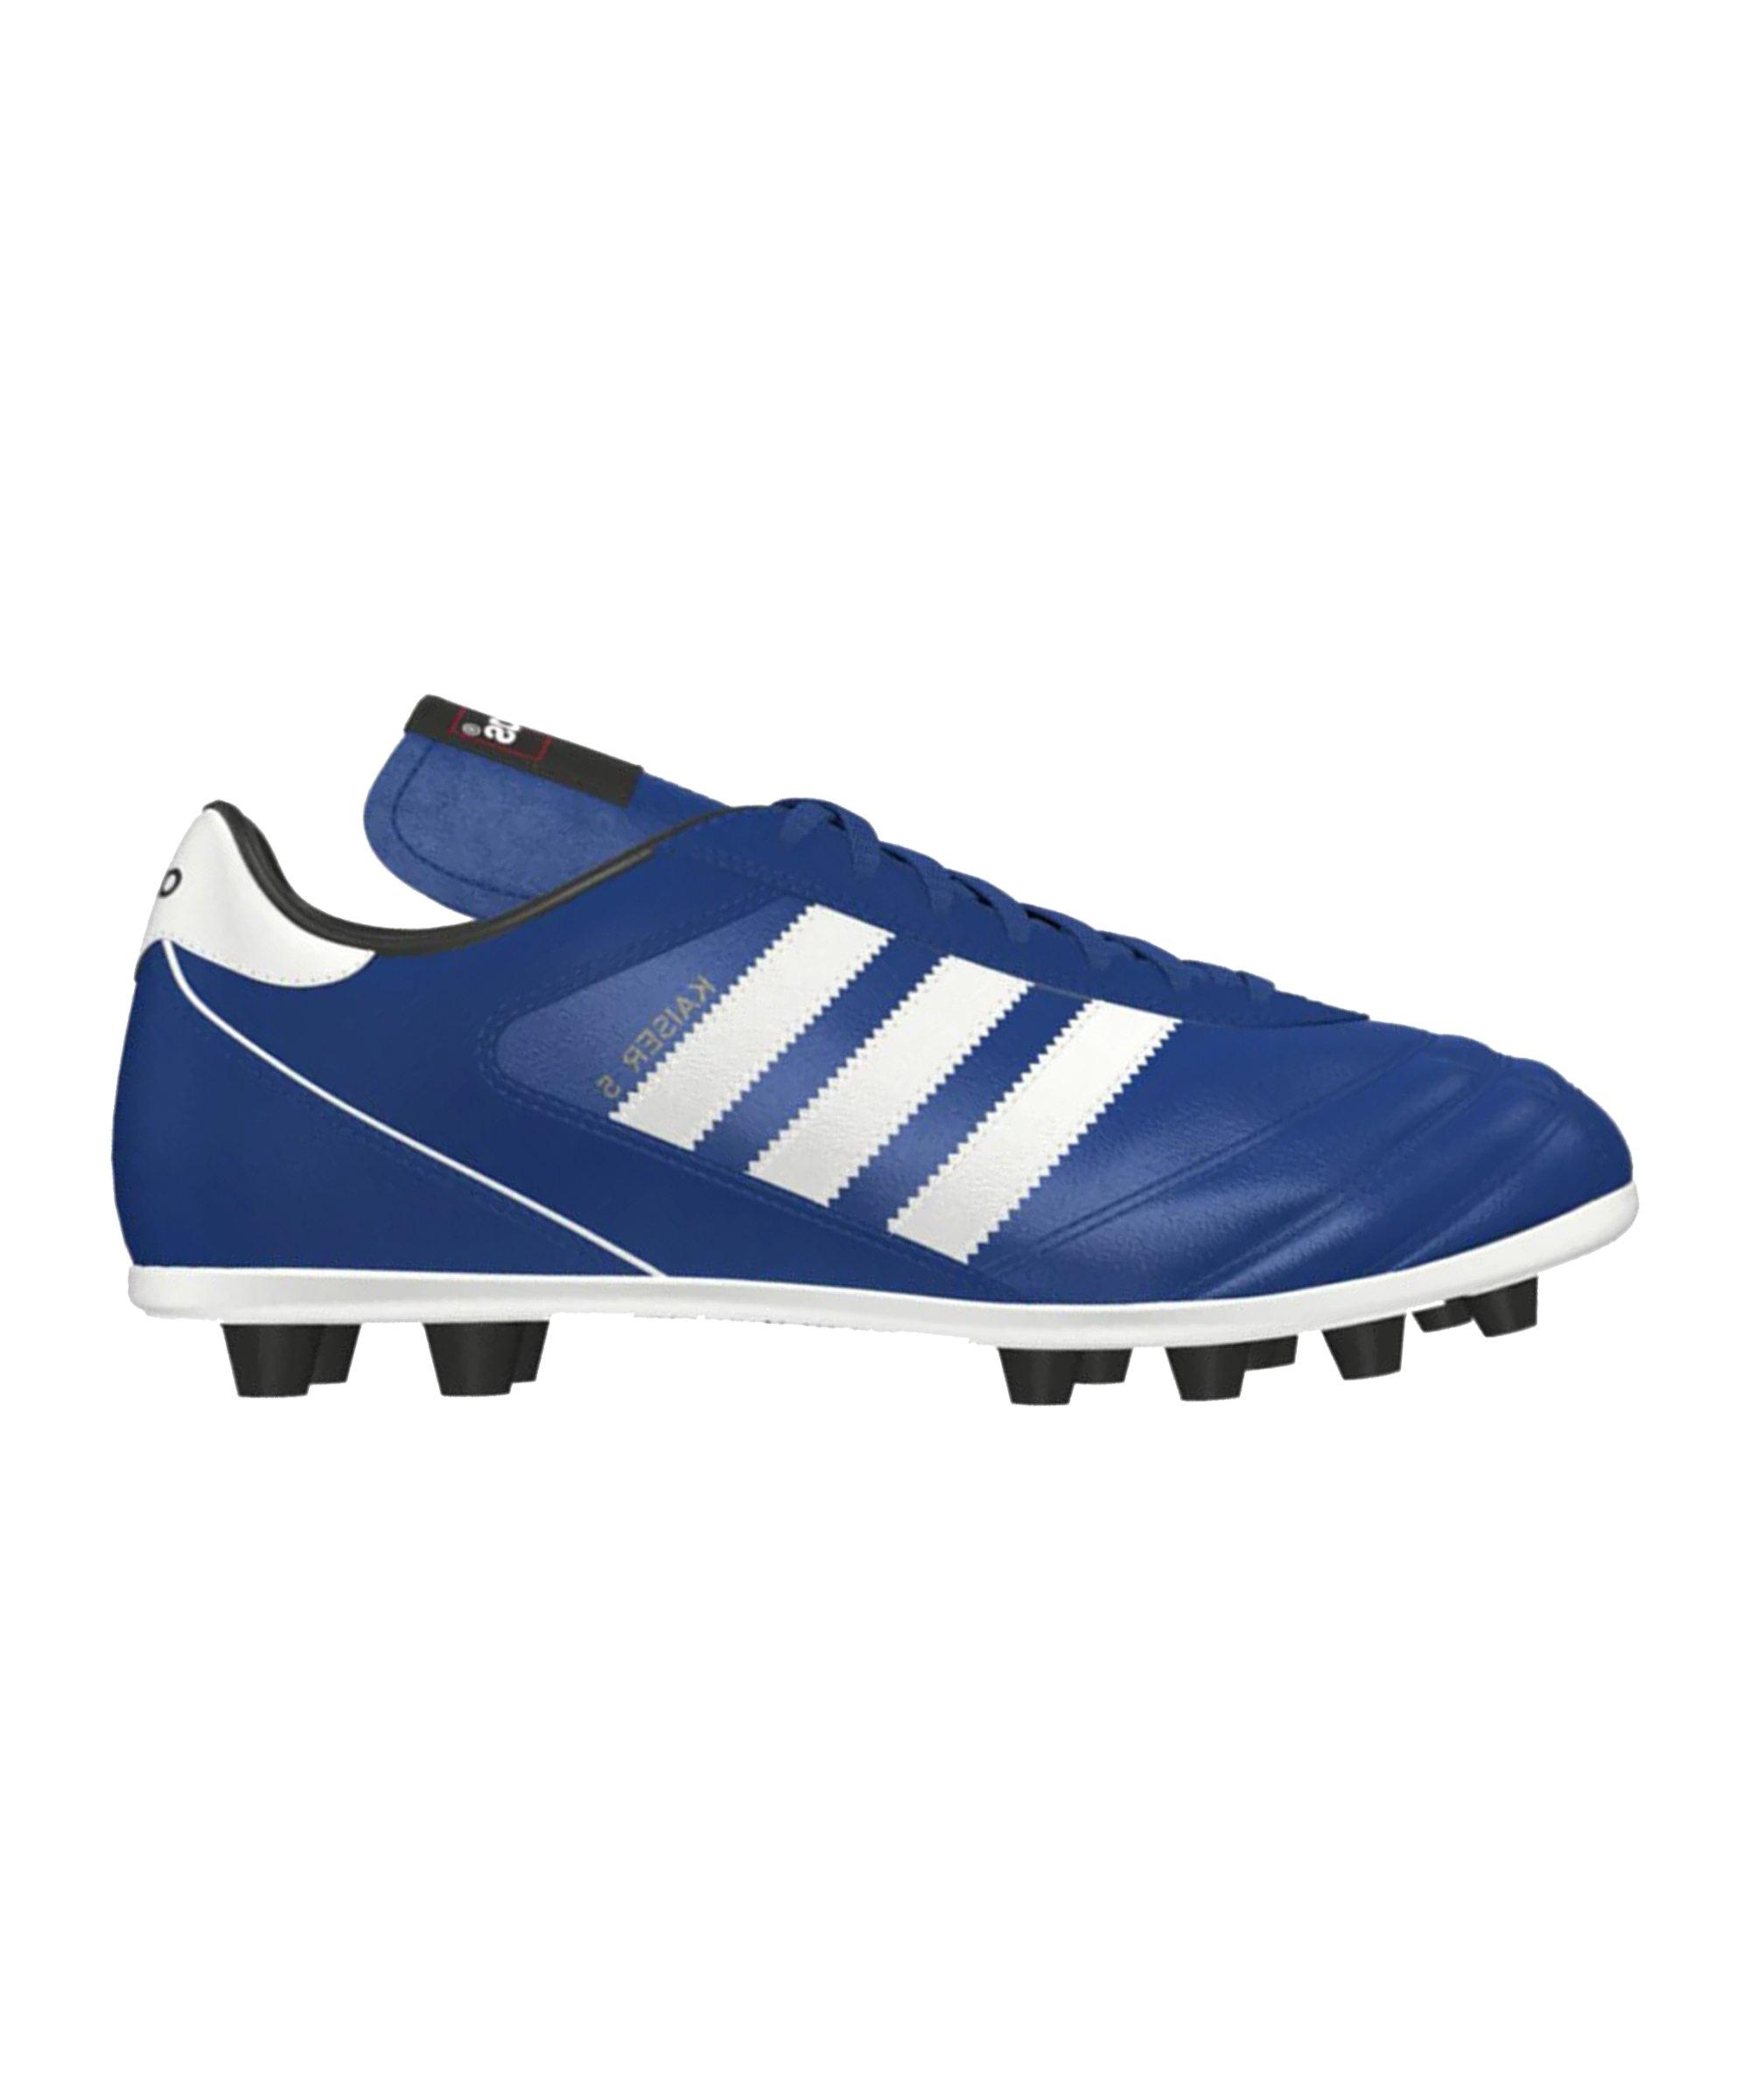 adidas FG Kaiser 5 Liga Blau Weiss - blau